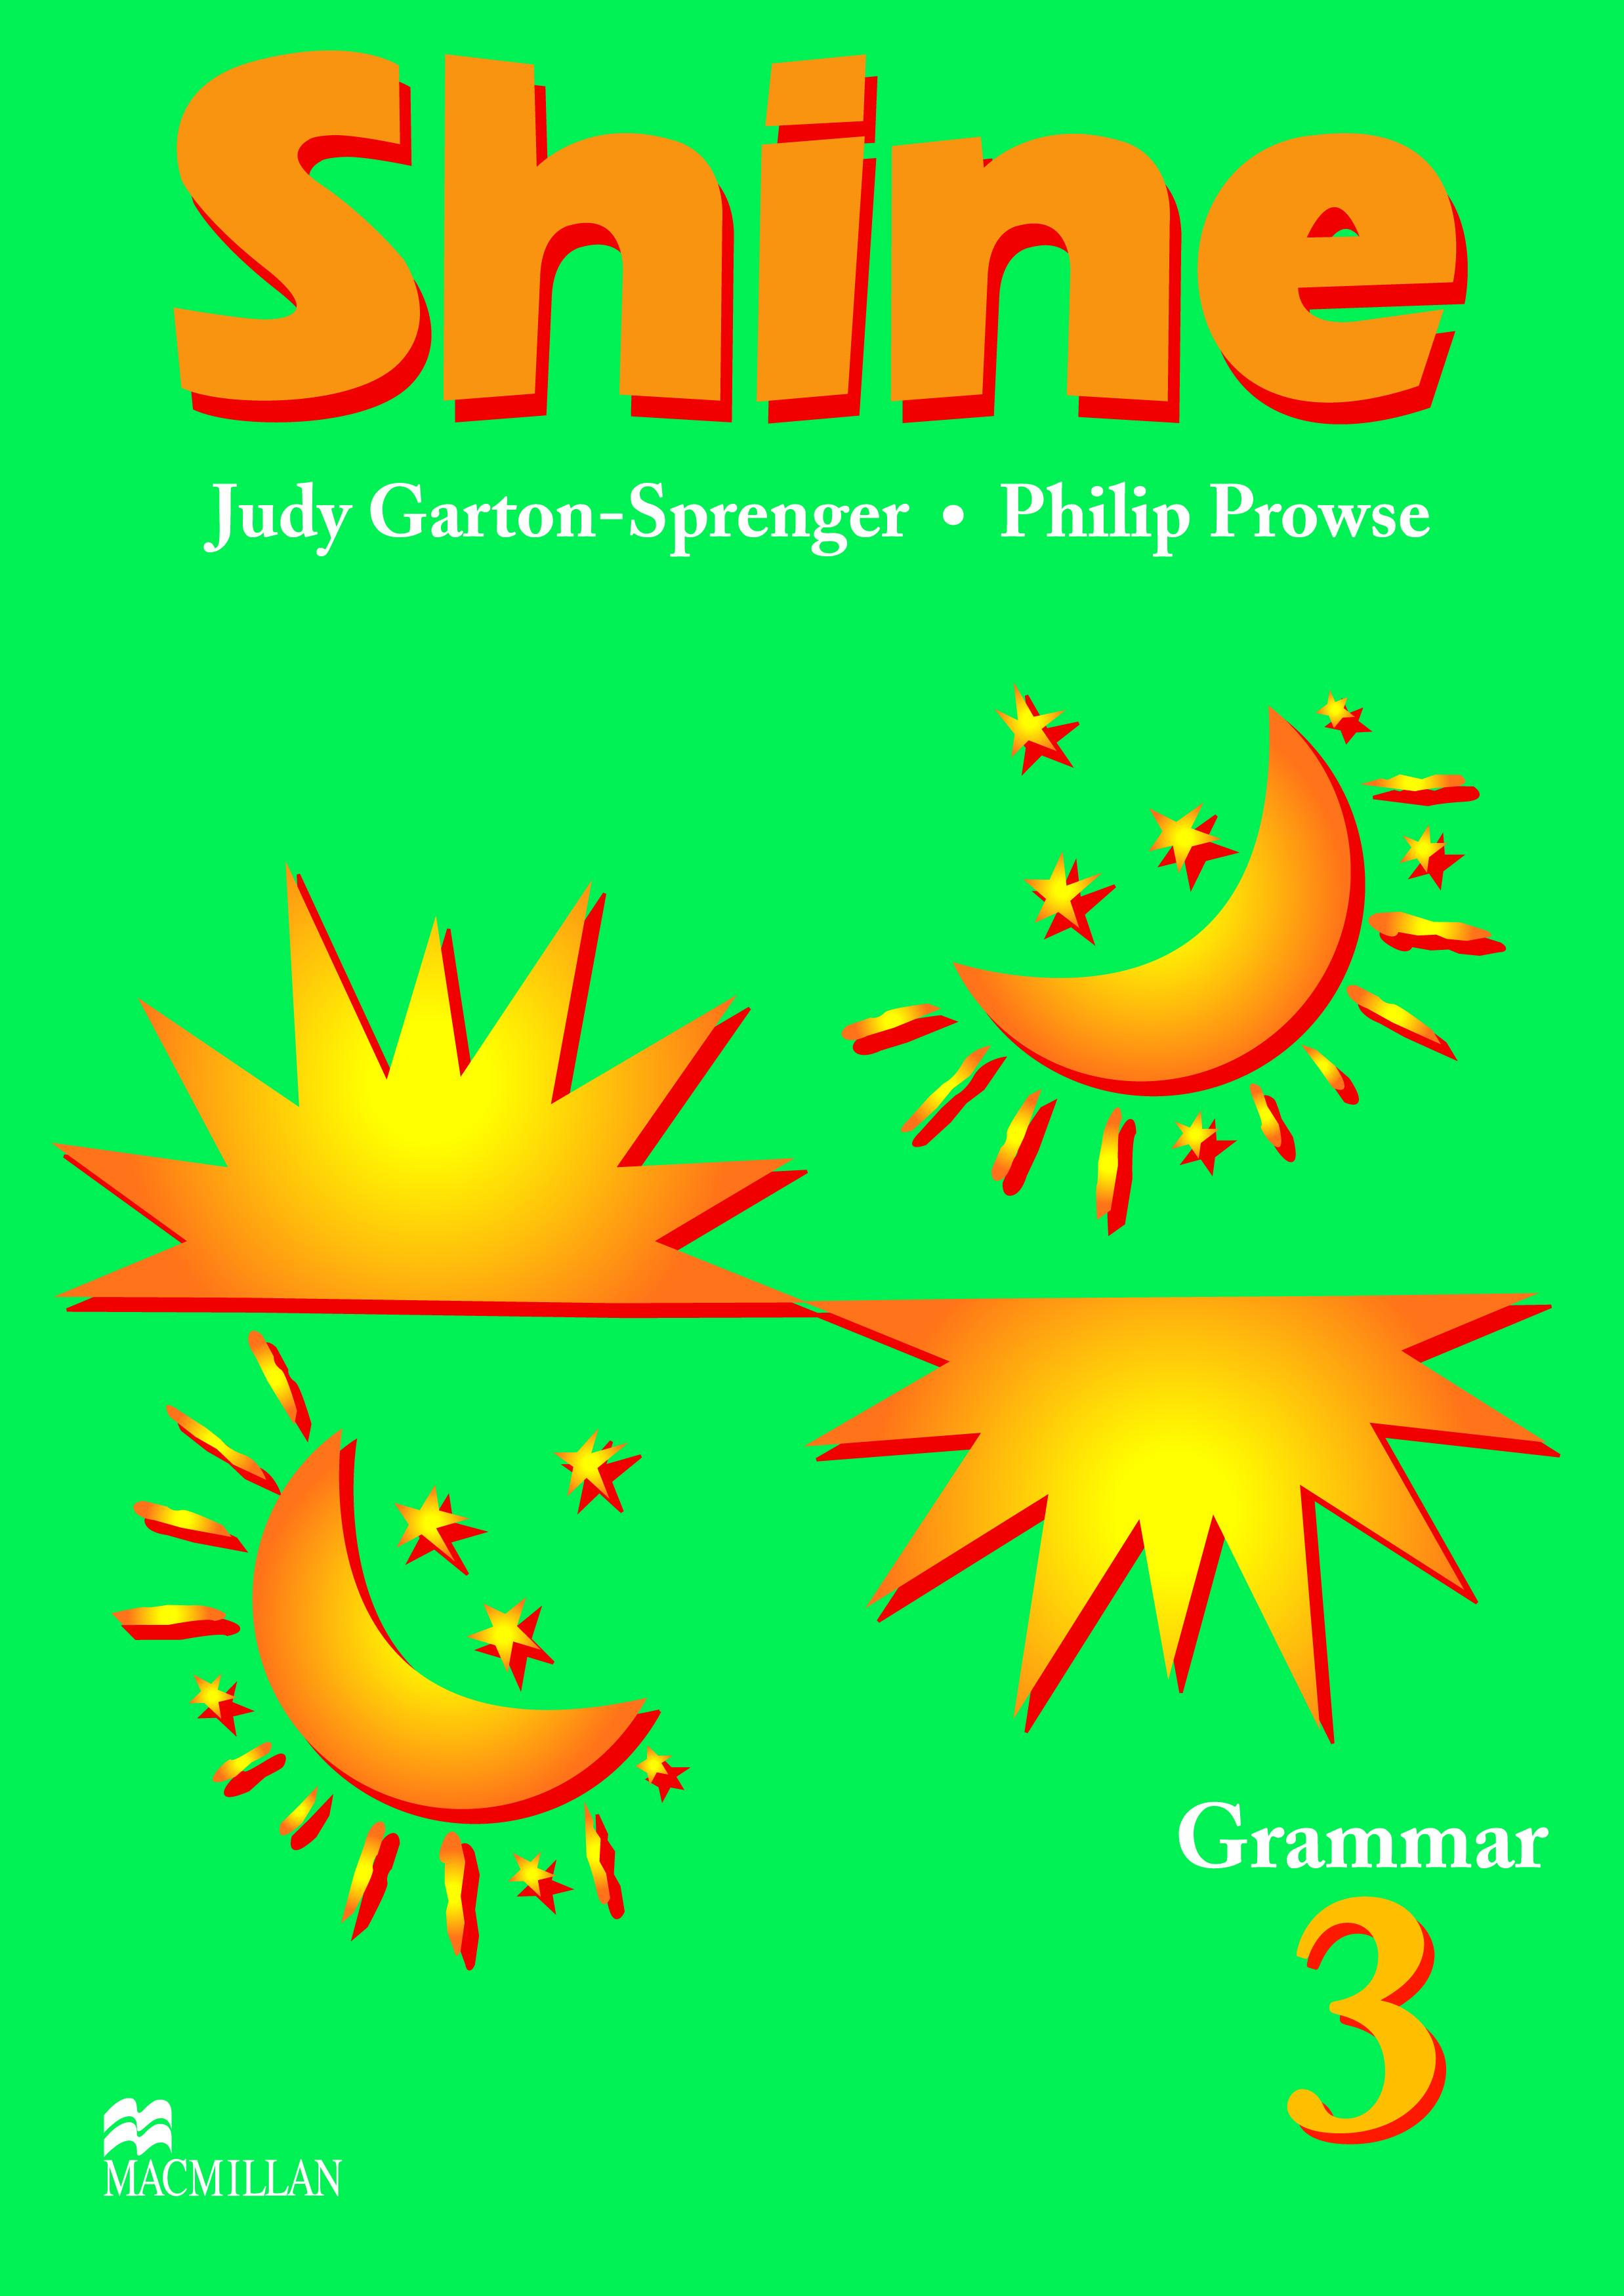 Shine Grammar 3 Student